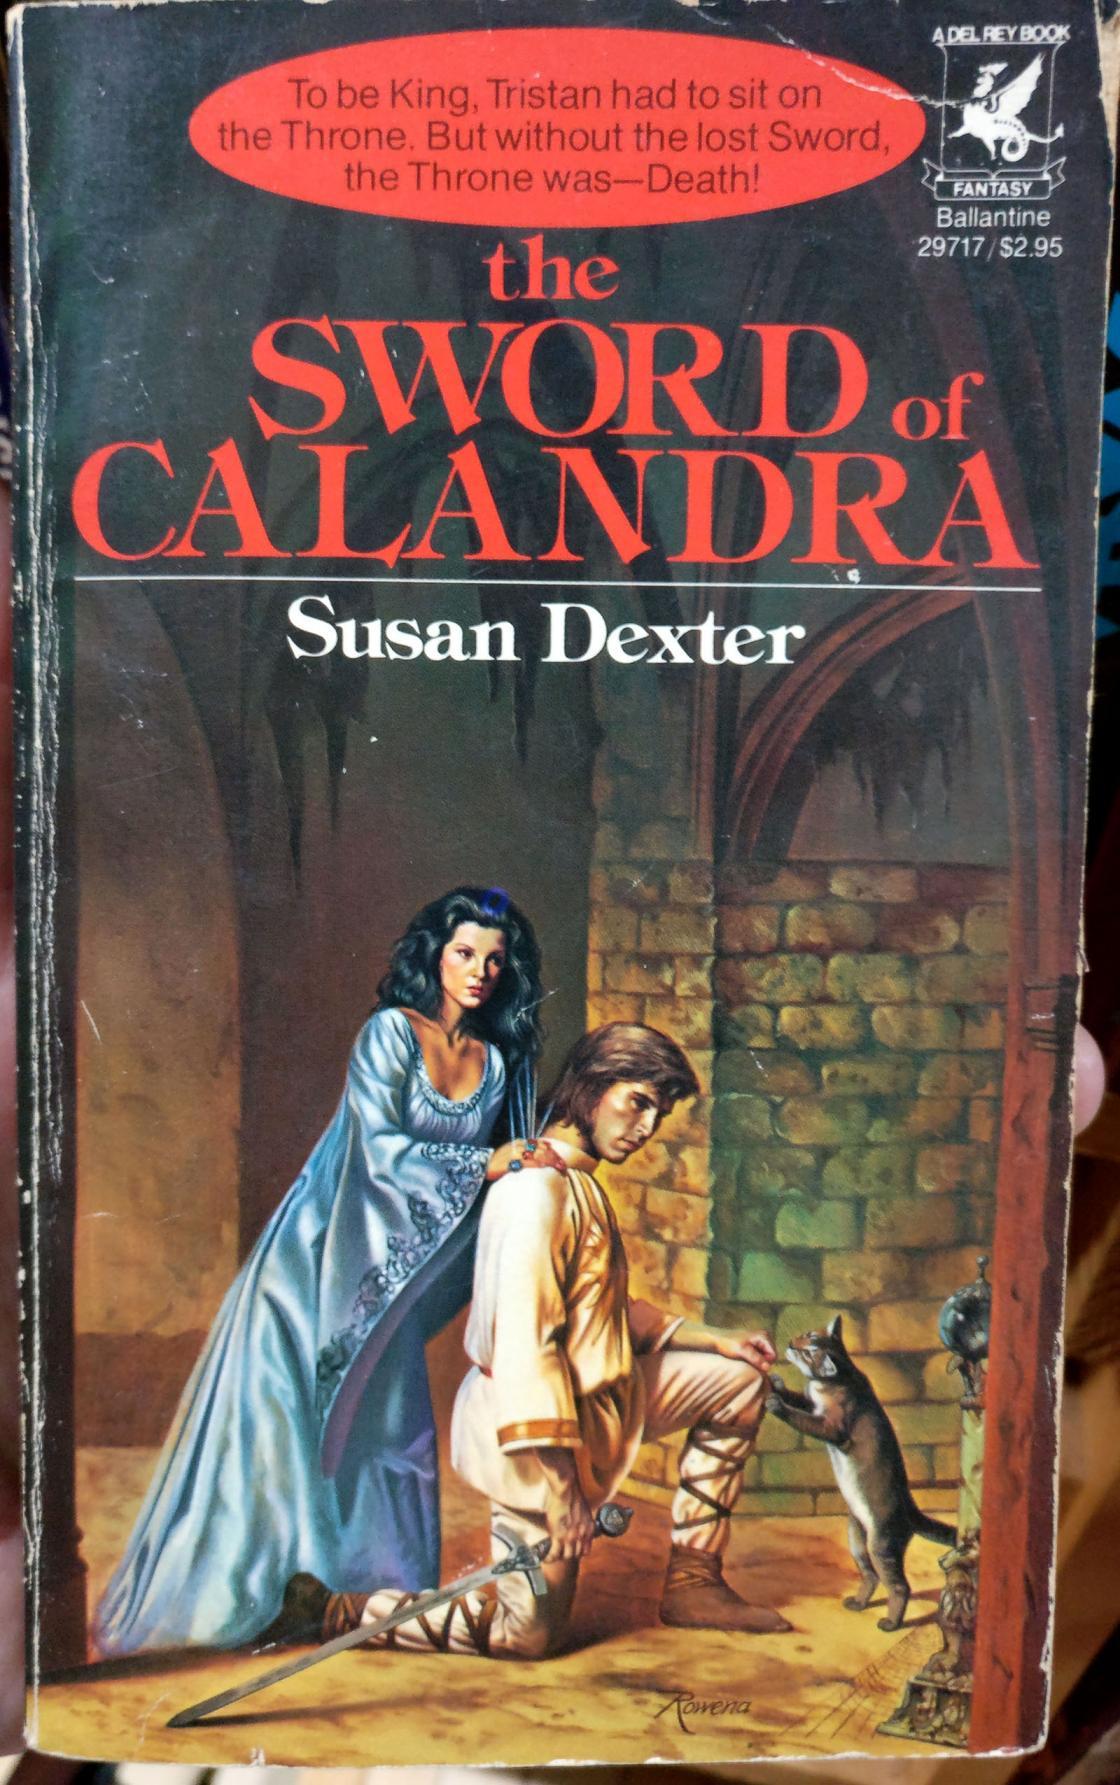 A sword-id tale!